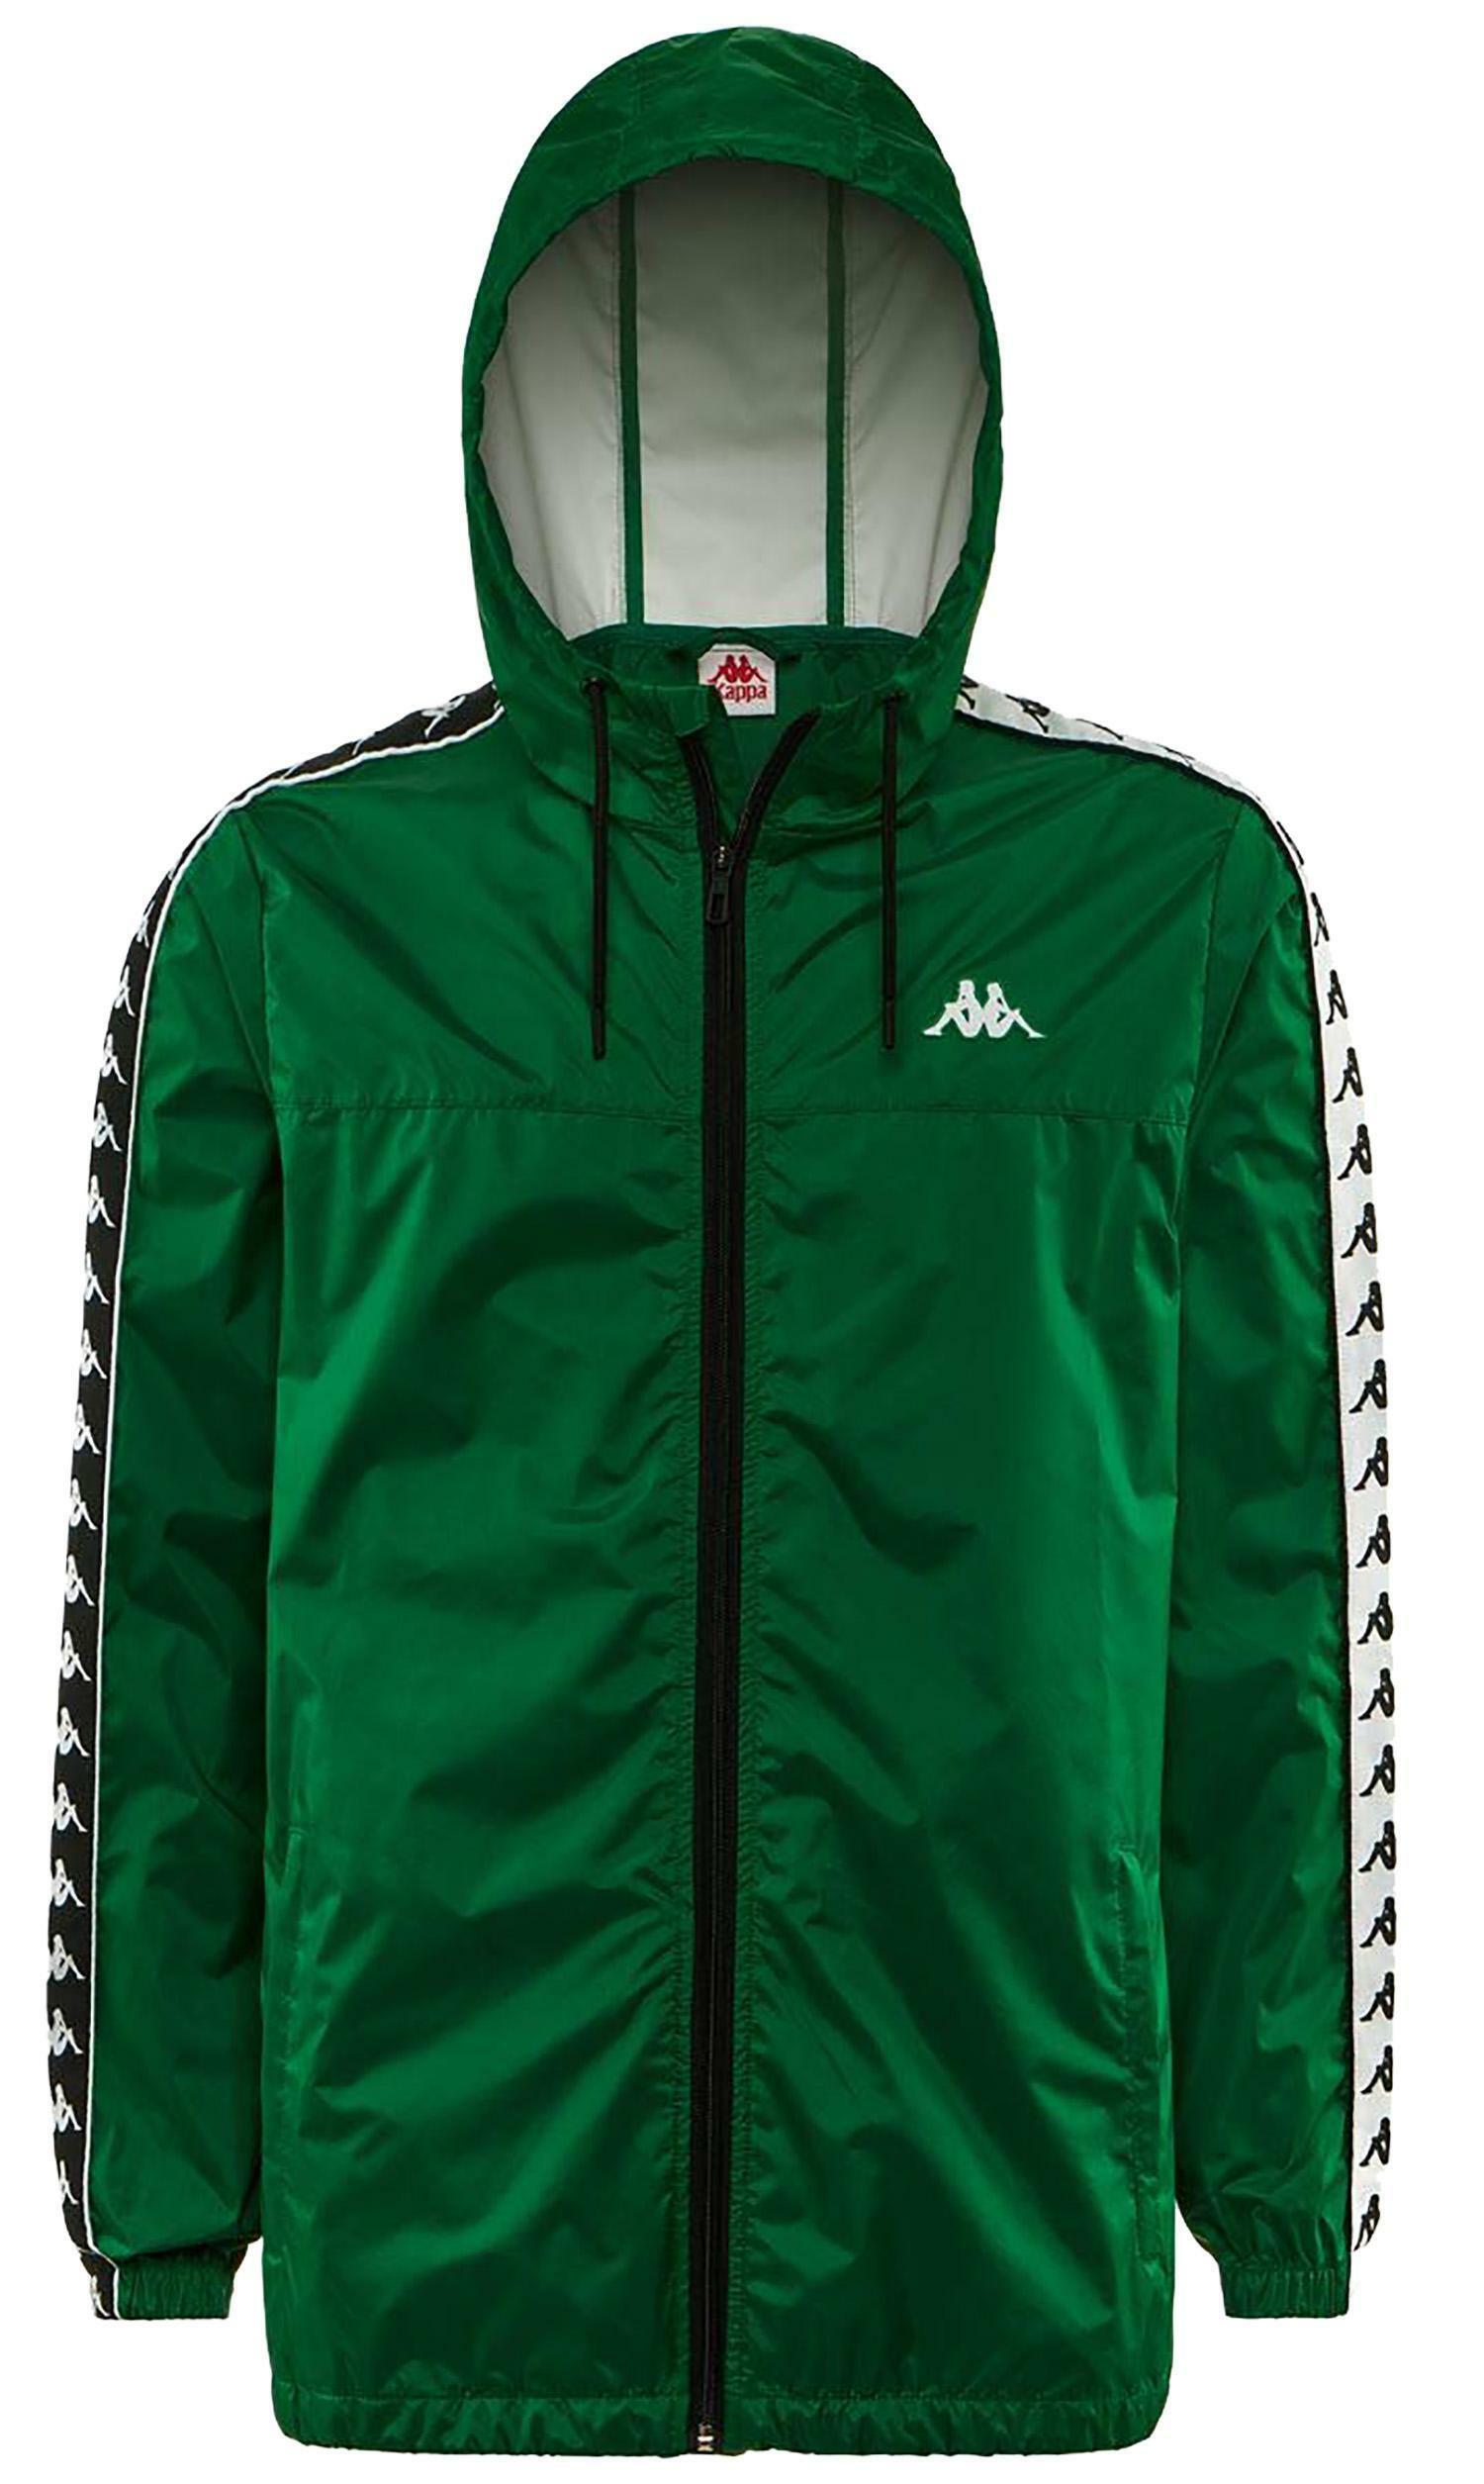 scarpe di separazione 4195a 21aee Kappa giacca a vento uomo verde 303wa70